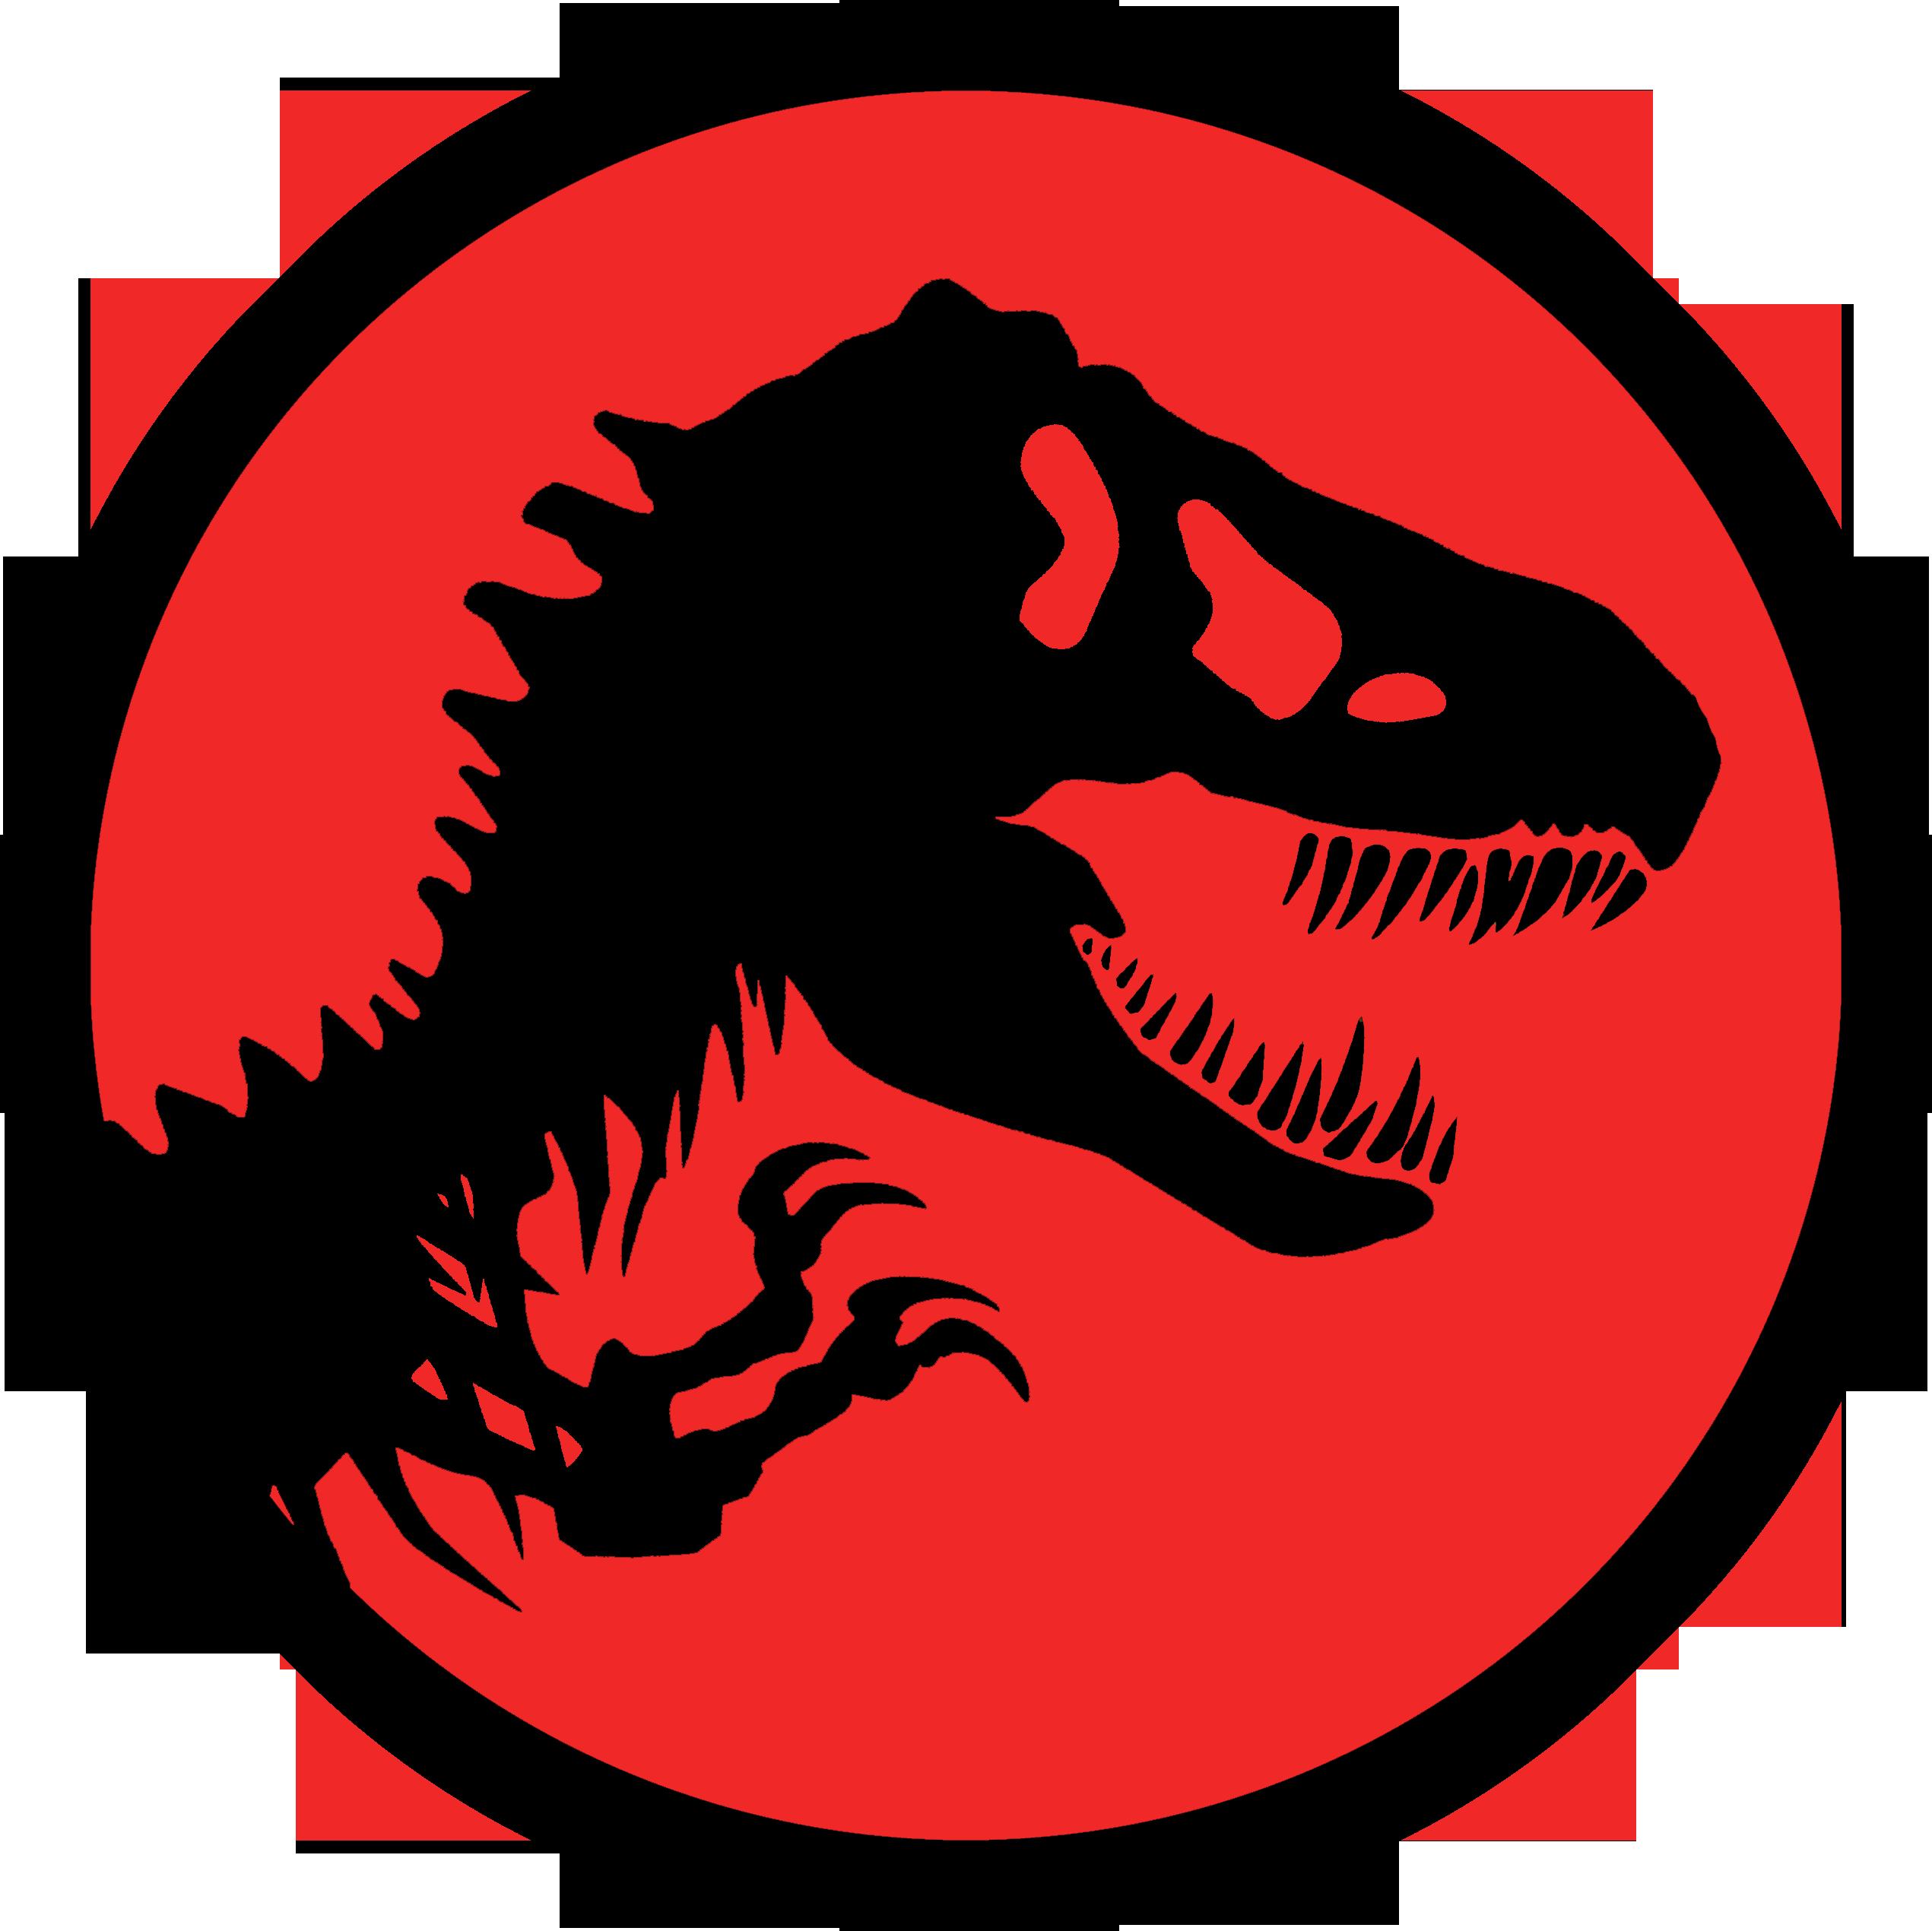 JurassicParkfan1993